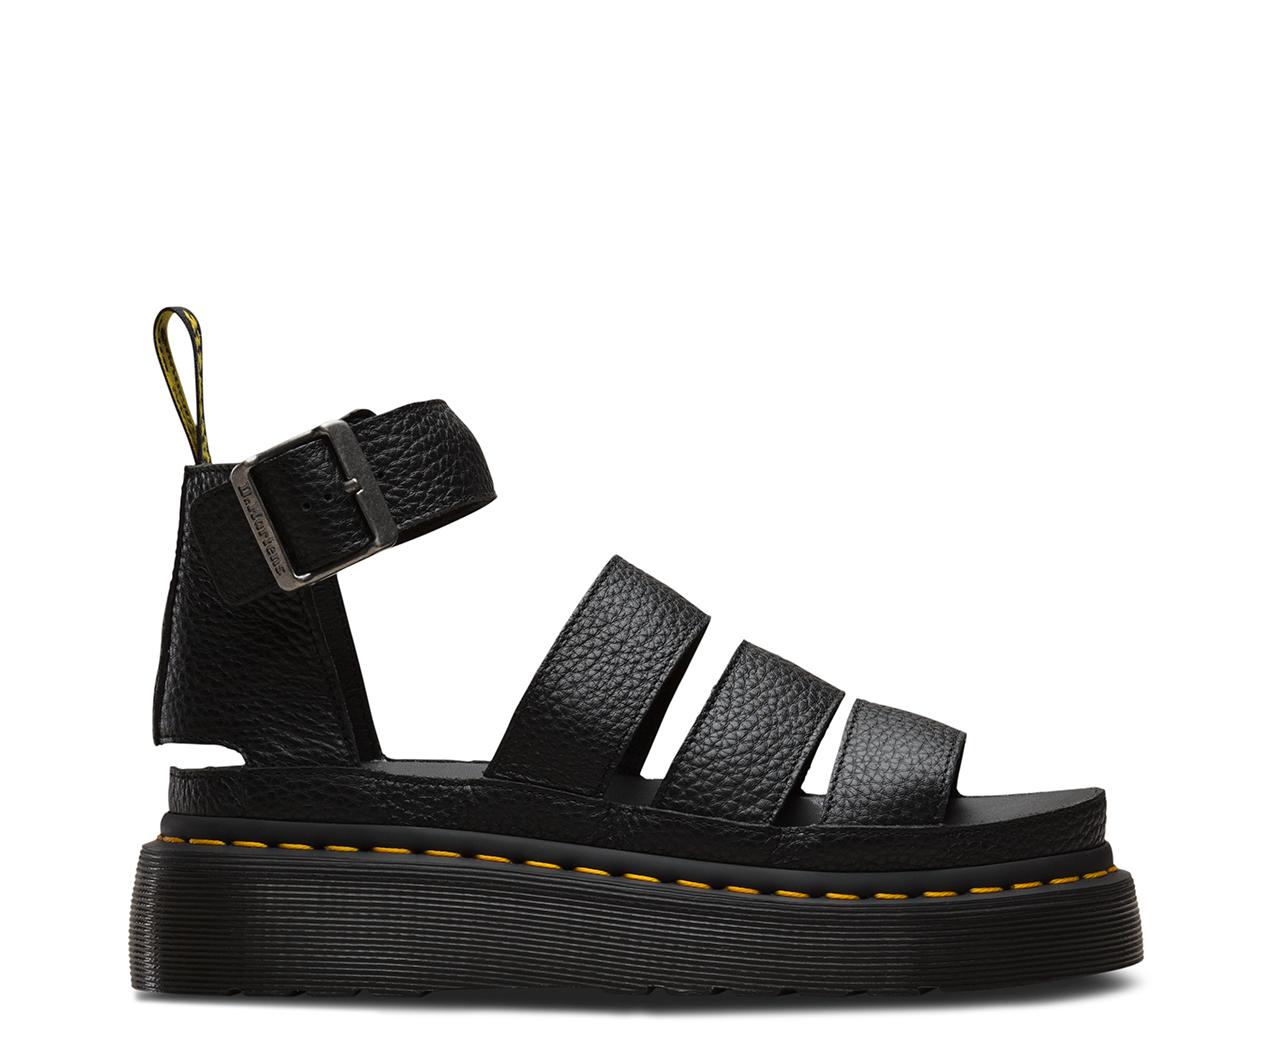 f26205926e CLARISSA II QUAD | Women's Boots & Shoes | Canada